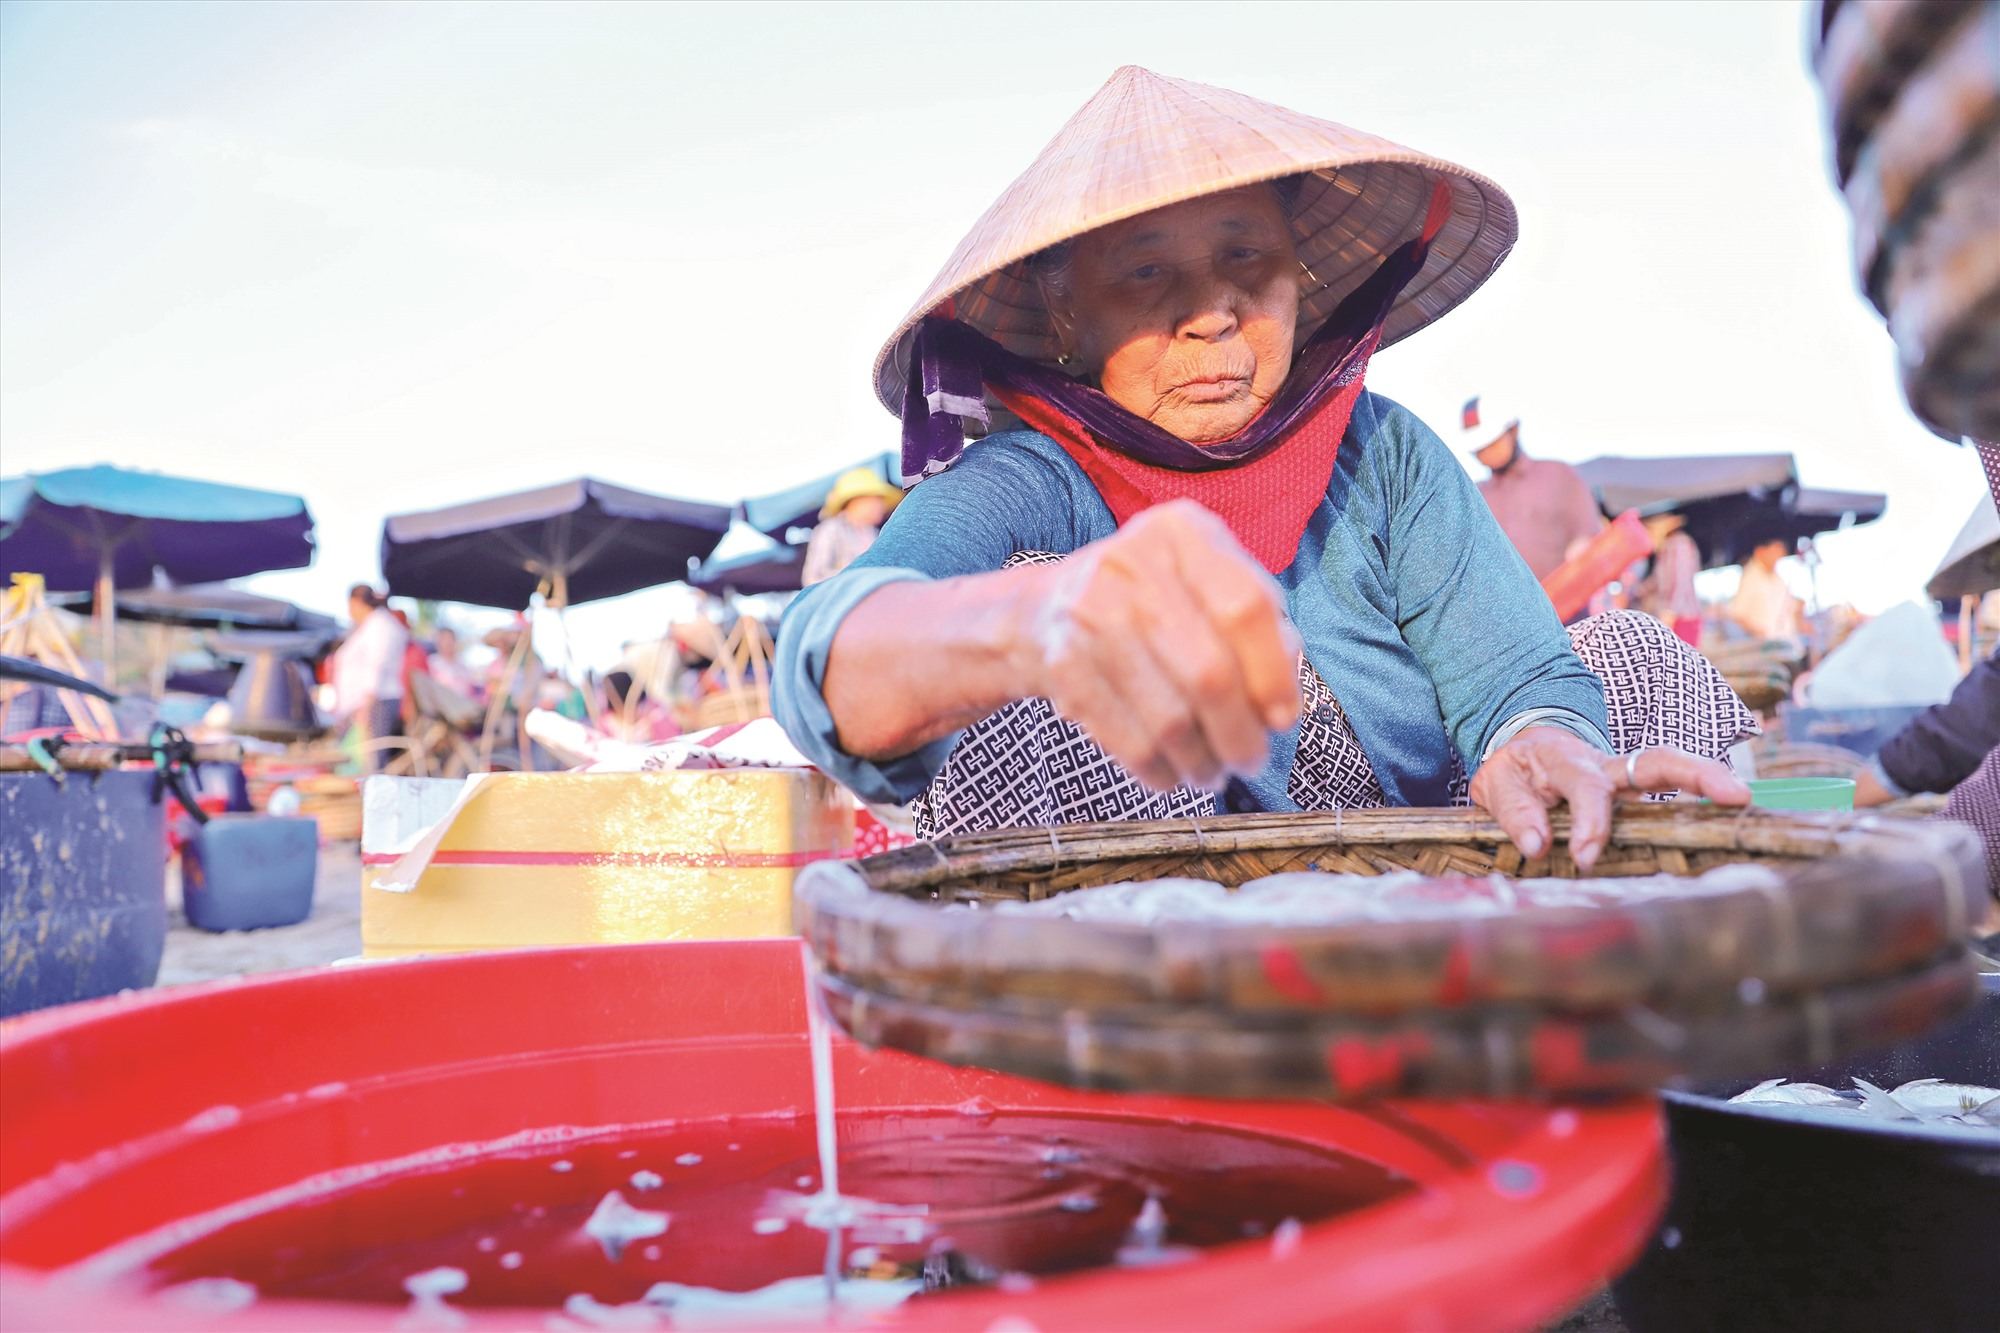 Nhiều cụ bà tuổi đã gần thất thập, vẫn gắn cuộc đời mình với chợ cá mỗi ngày.